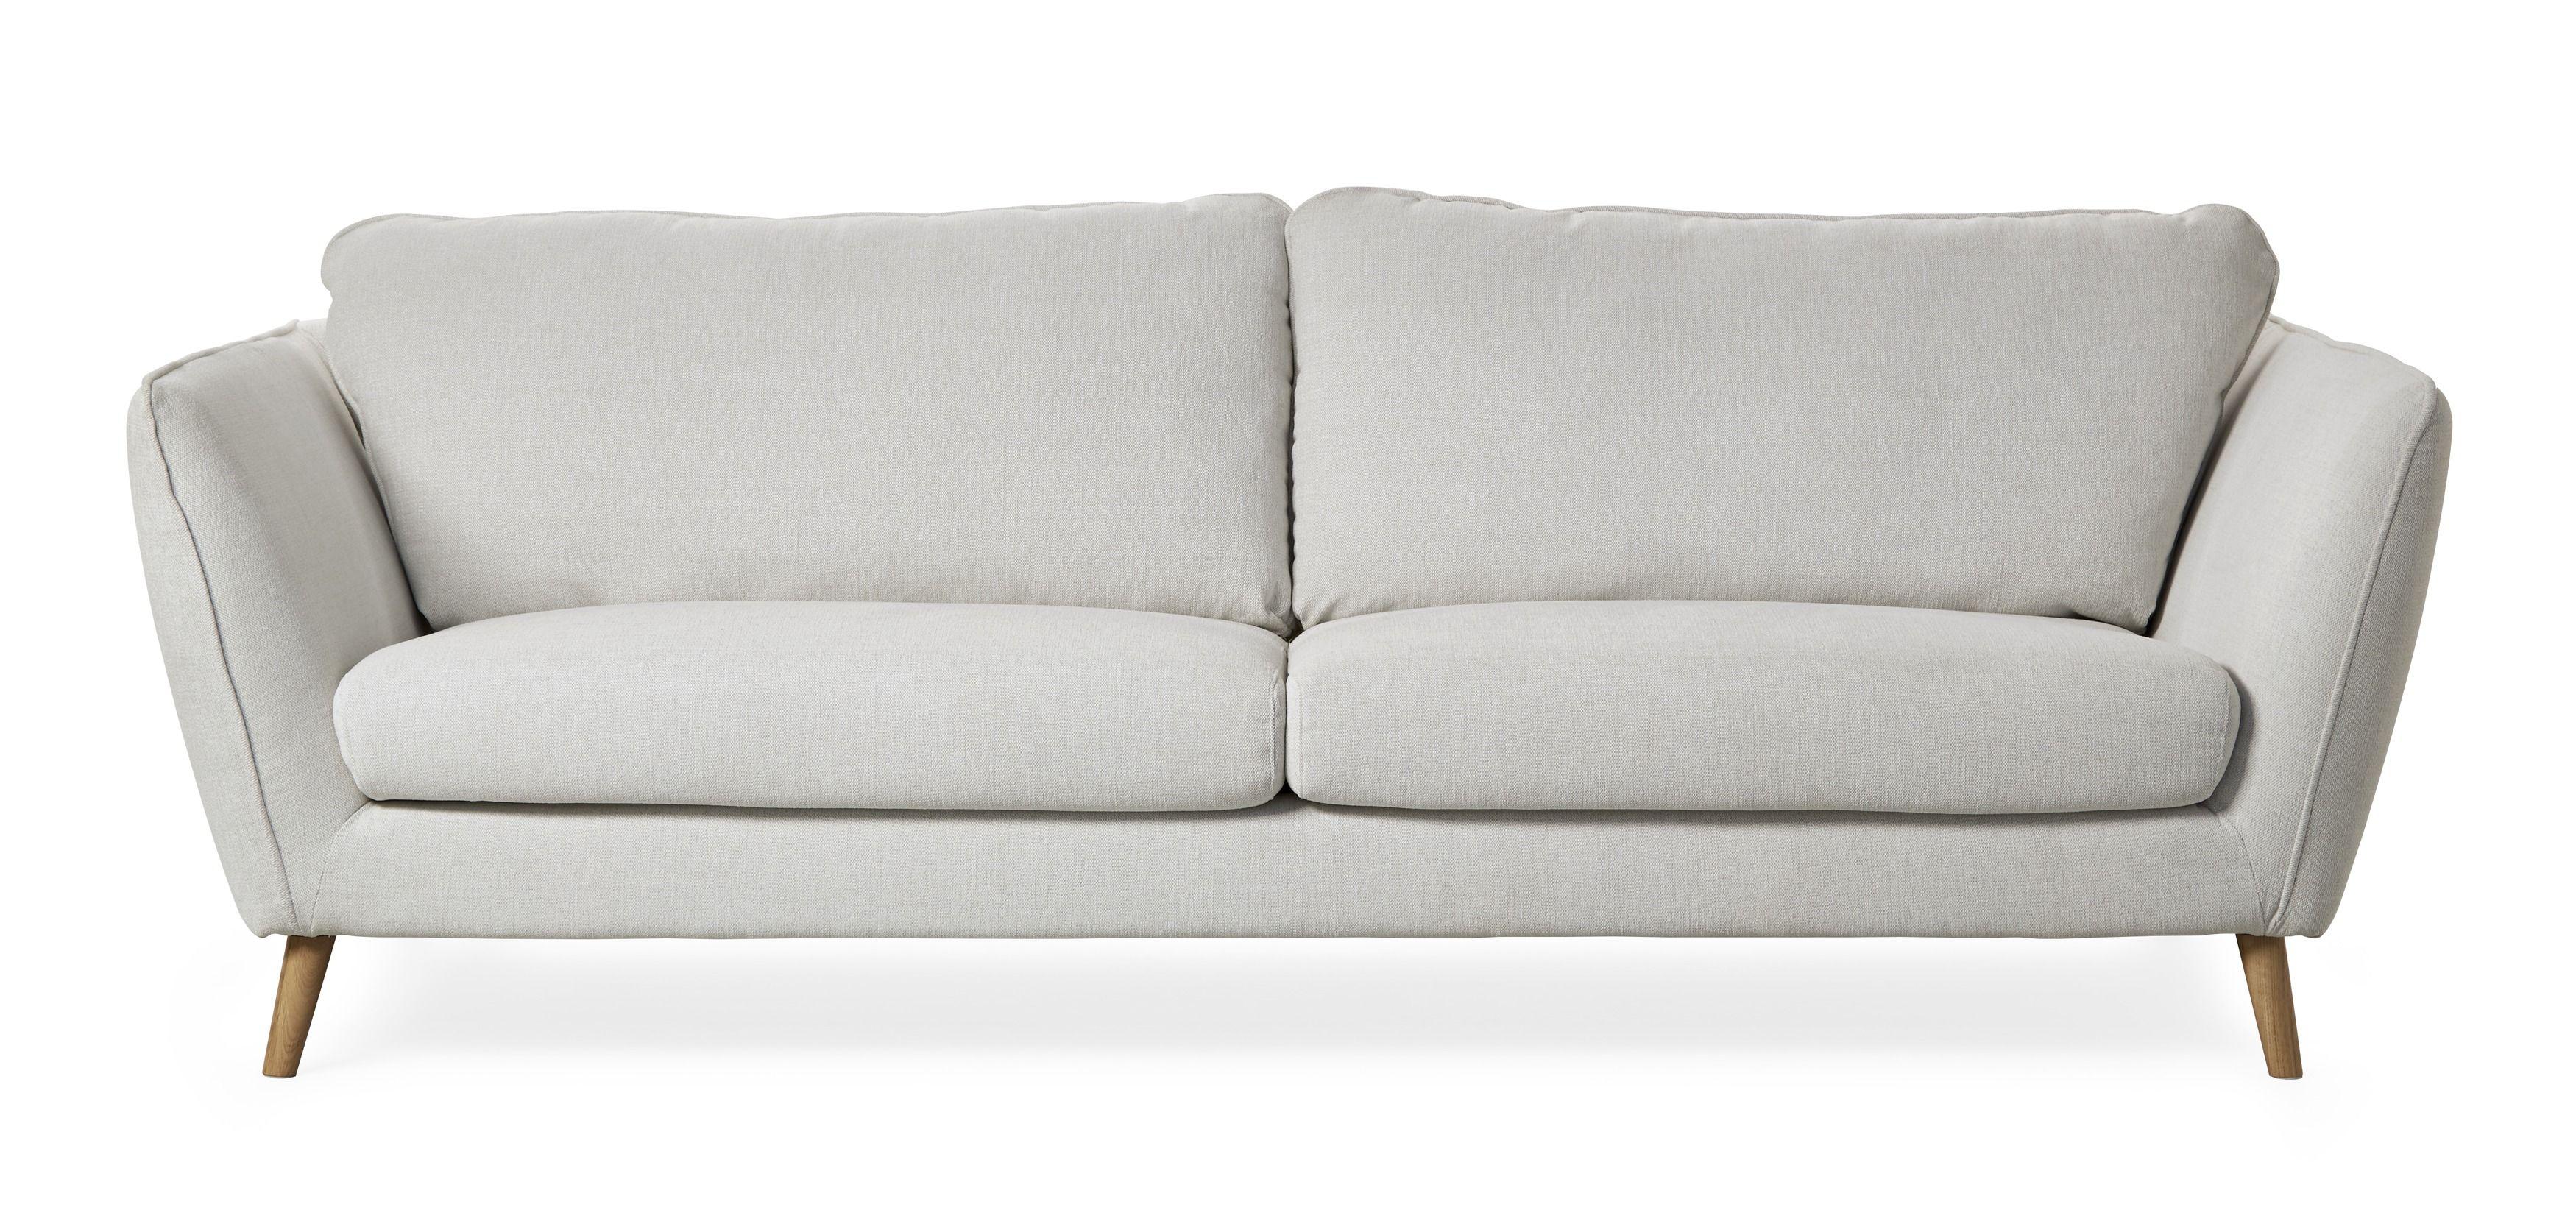 Madison Lux är en byggbar soffa i skandinavisk stil Soffan har en